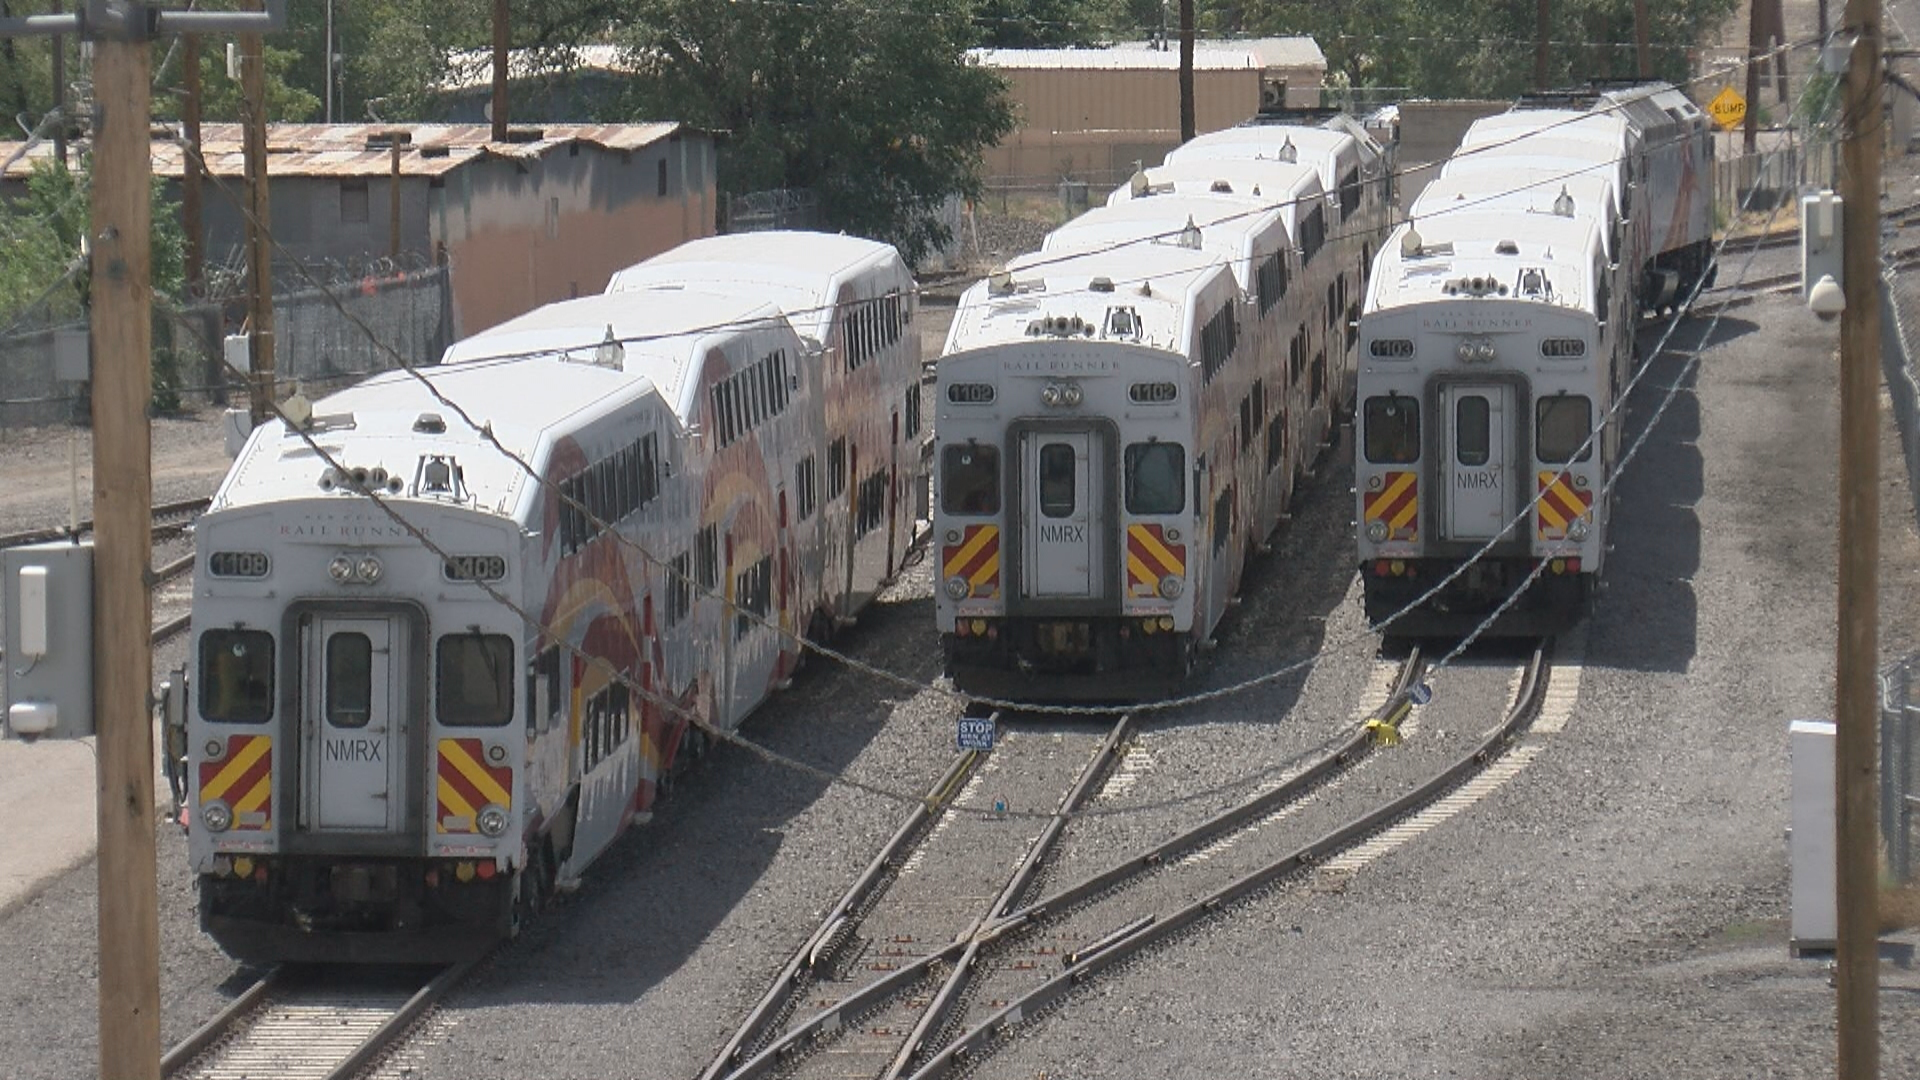 Rail Runner awaits service restart five months into pandemic | KRQE News 13